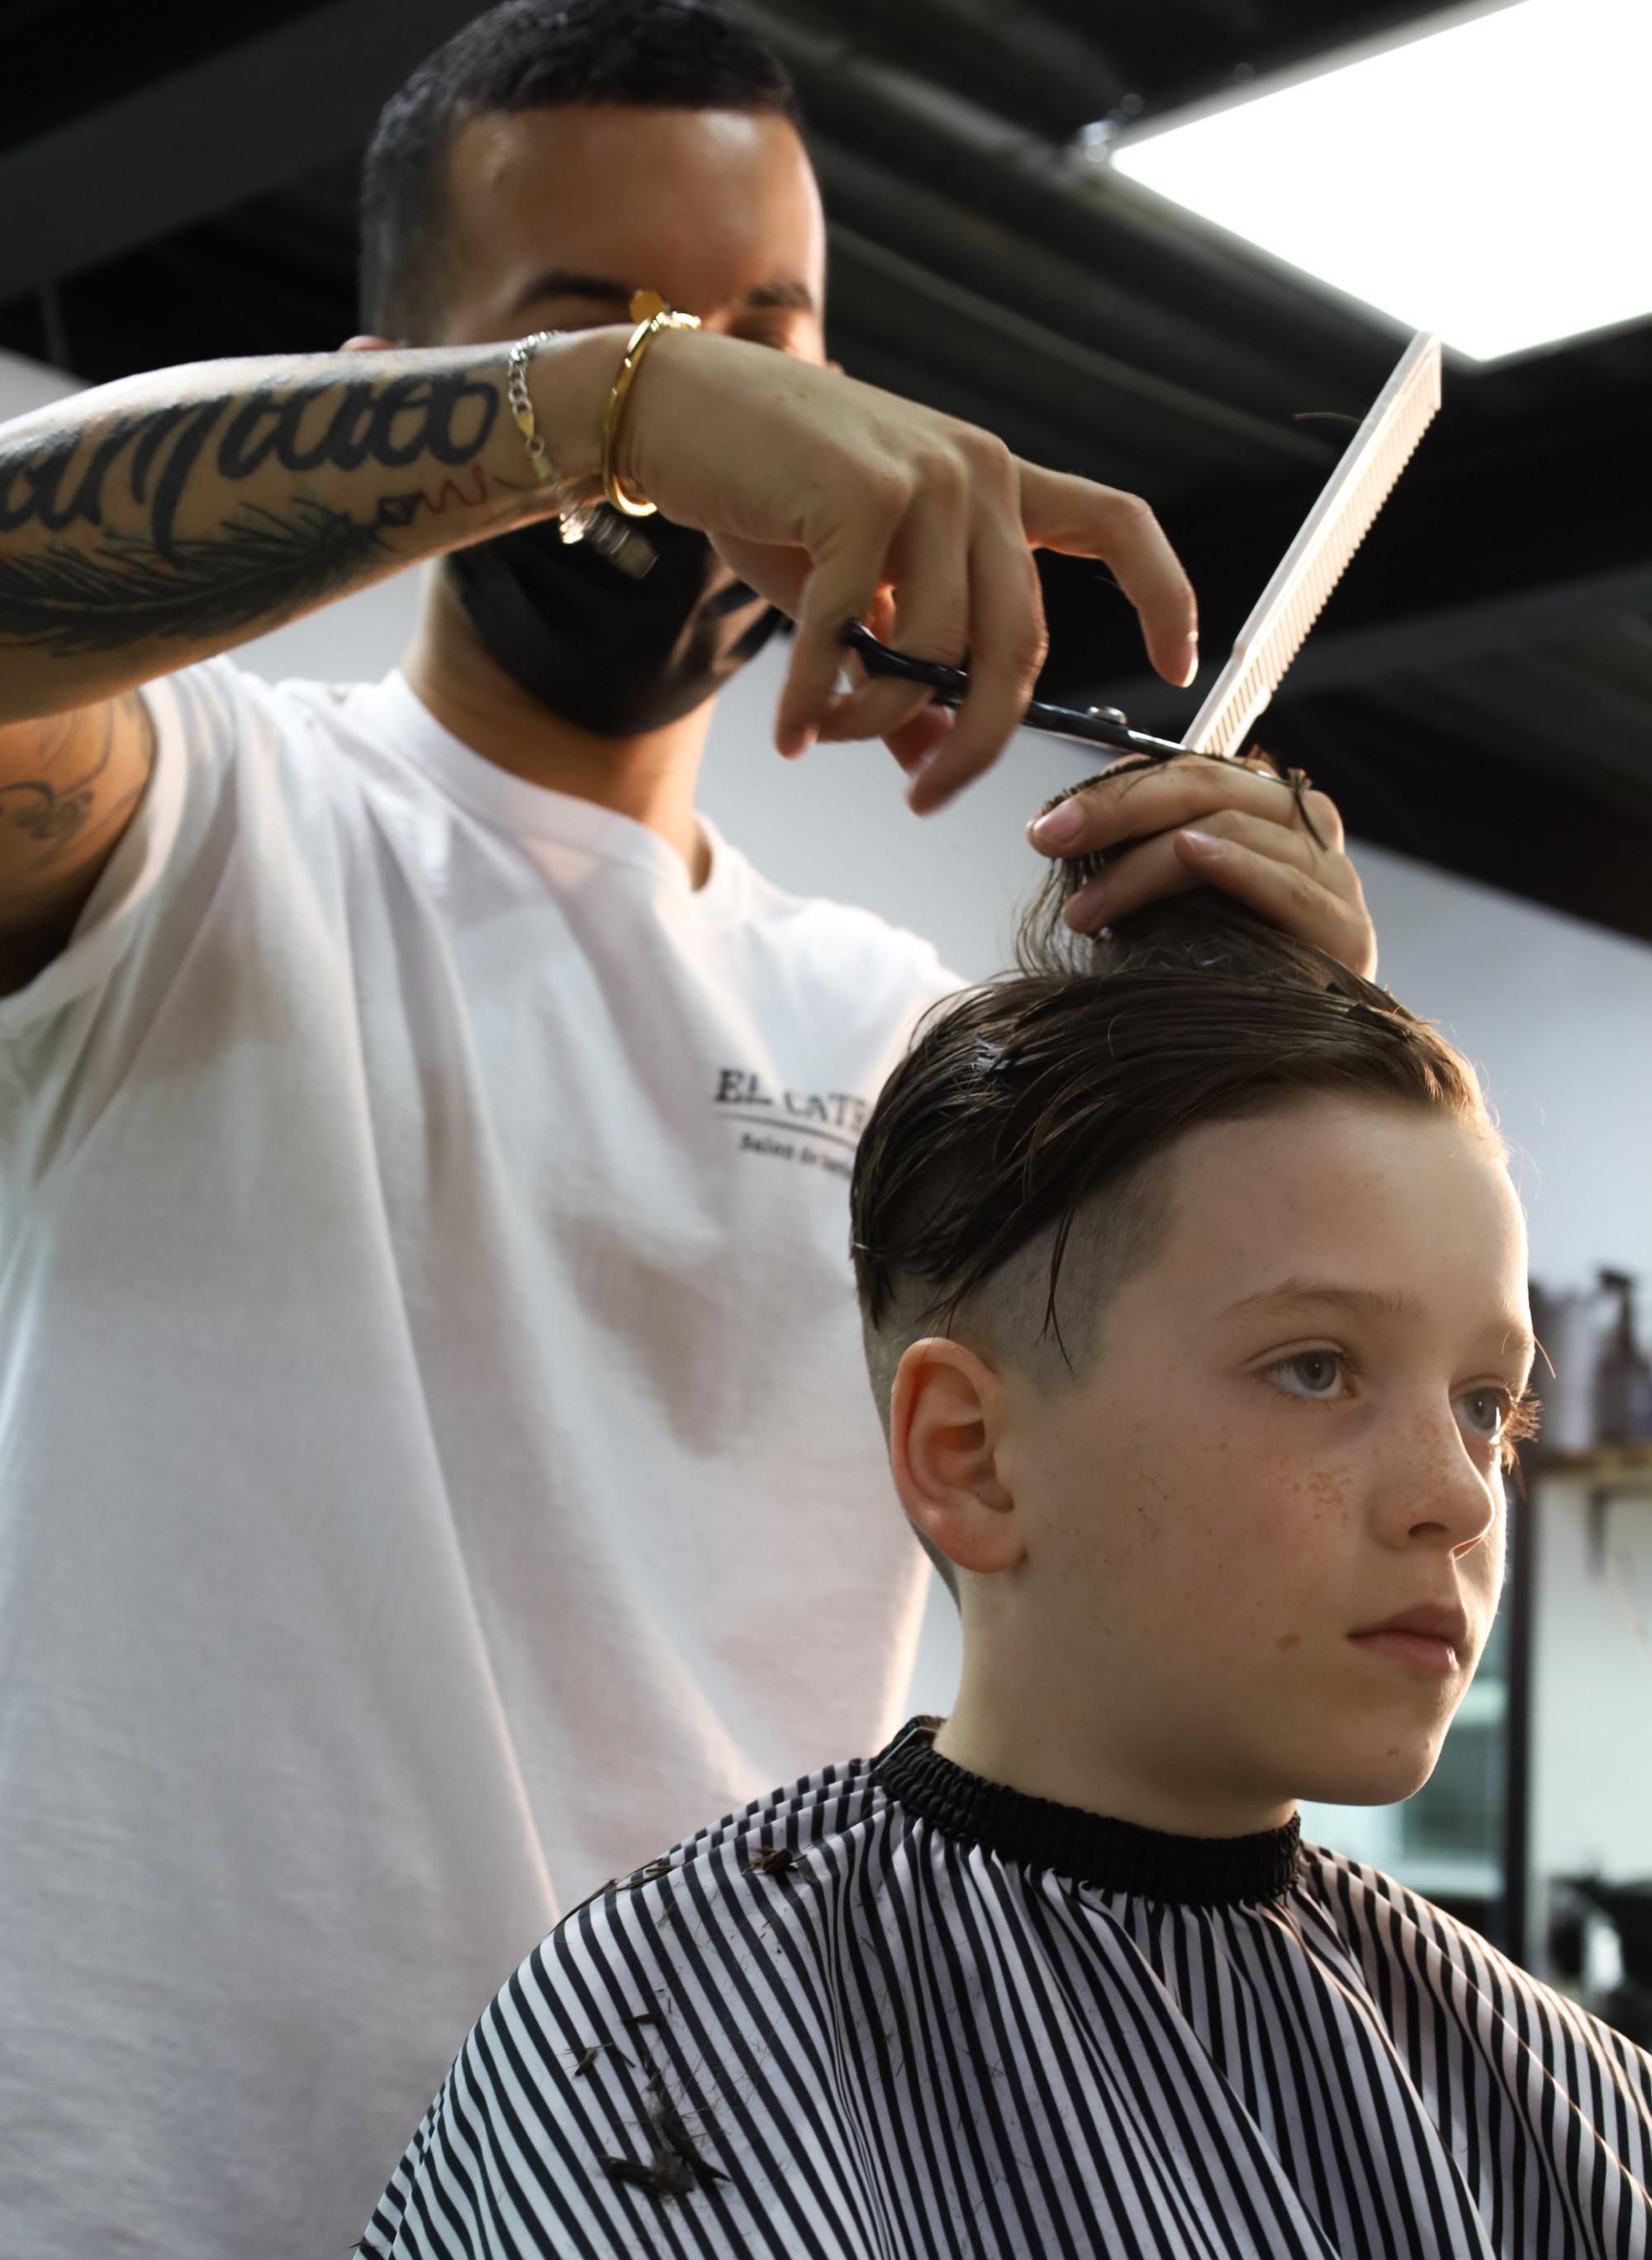 Coupe de cheveux Maître Barbier